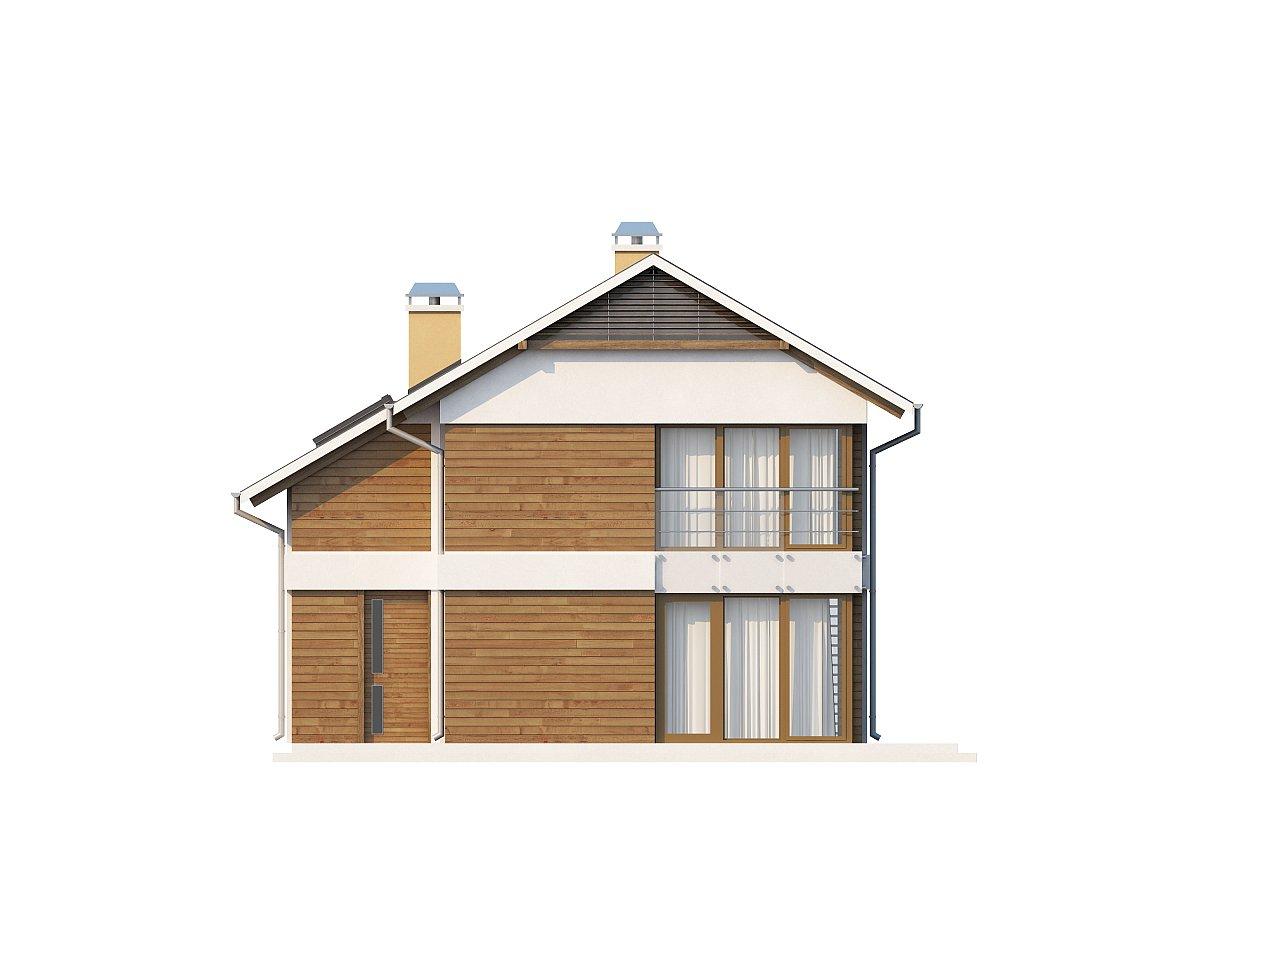 Компактный двухэтажный дом с большими окнами, подходящий для узкого участка. 3